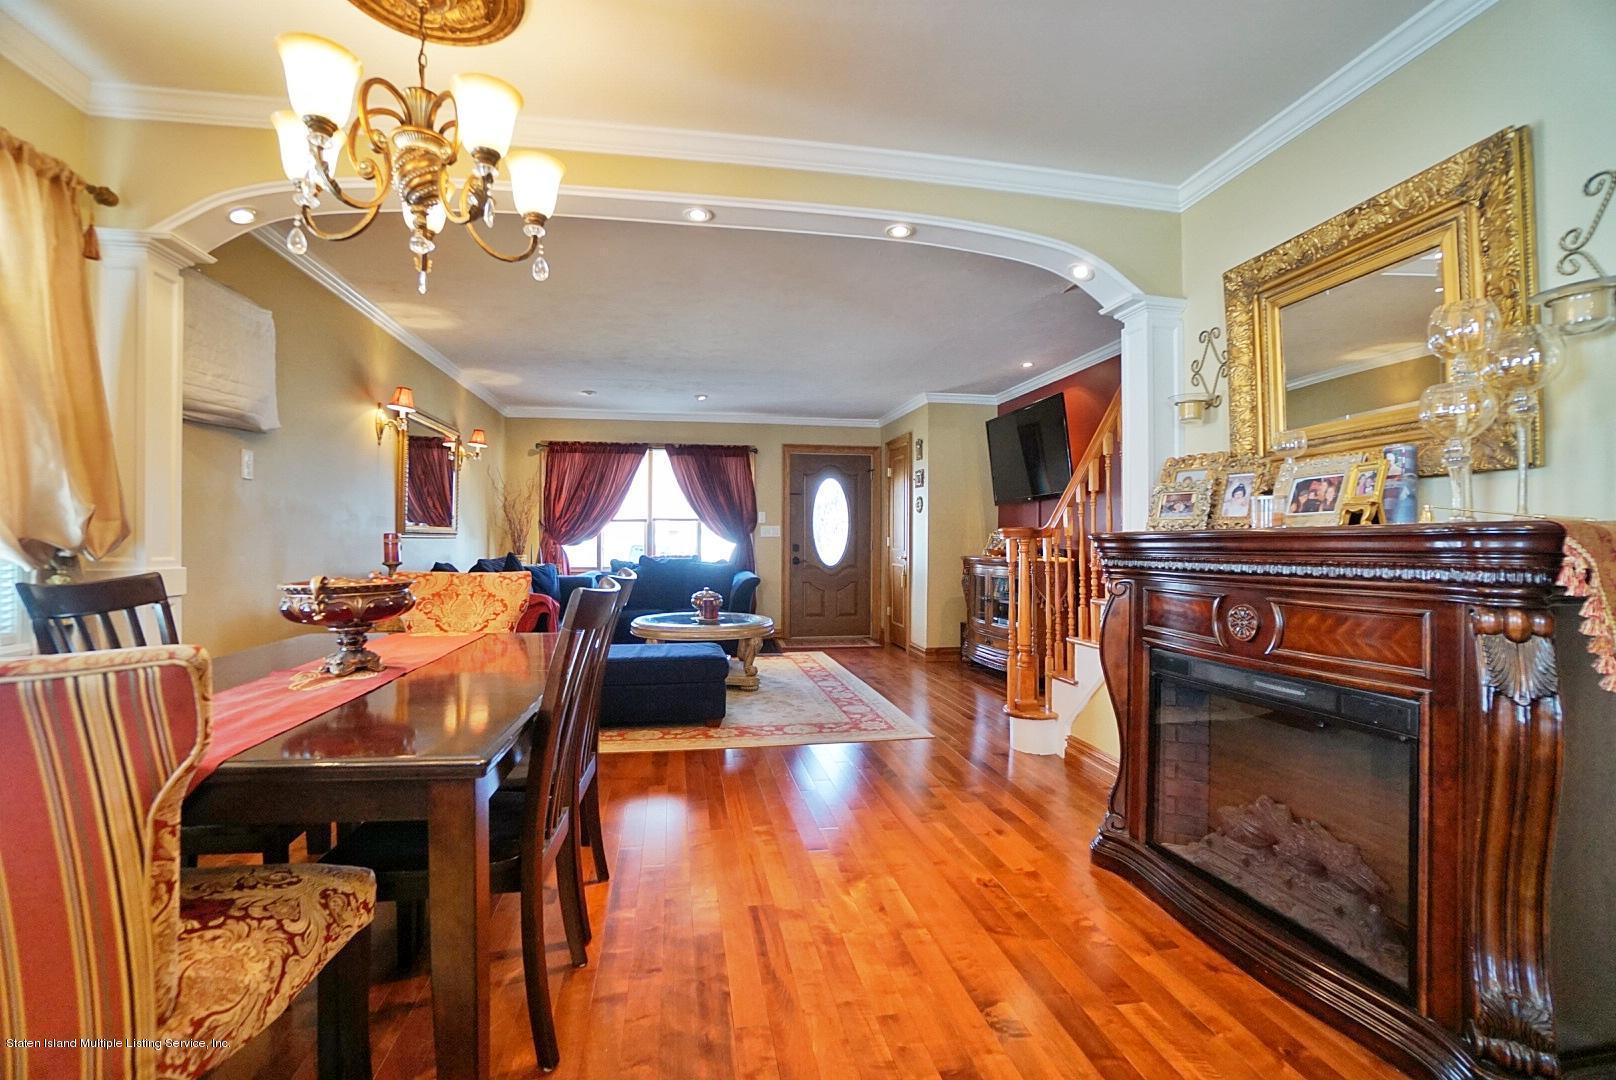 Single Family - Semi-Attached 366 Fairbanks Avenue  Staten Island, NY 10306, MLS-1127458-10